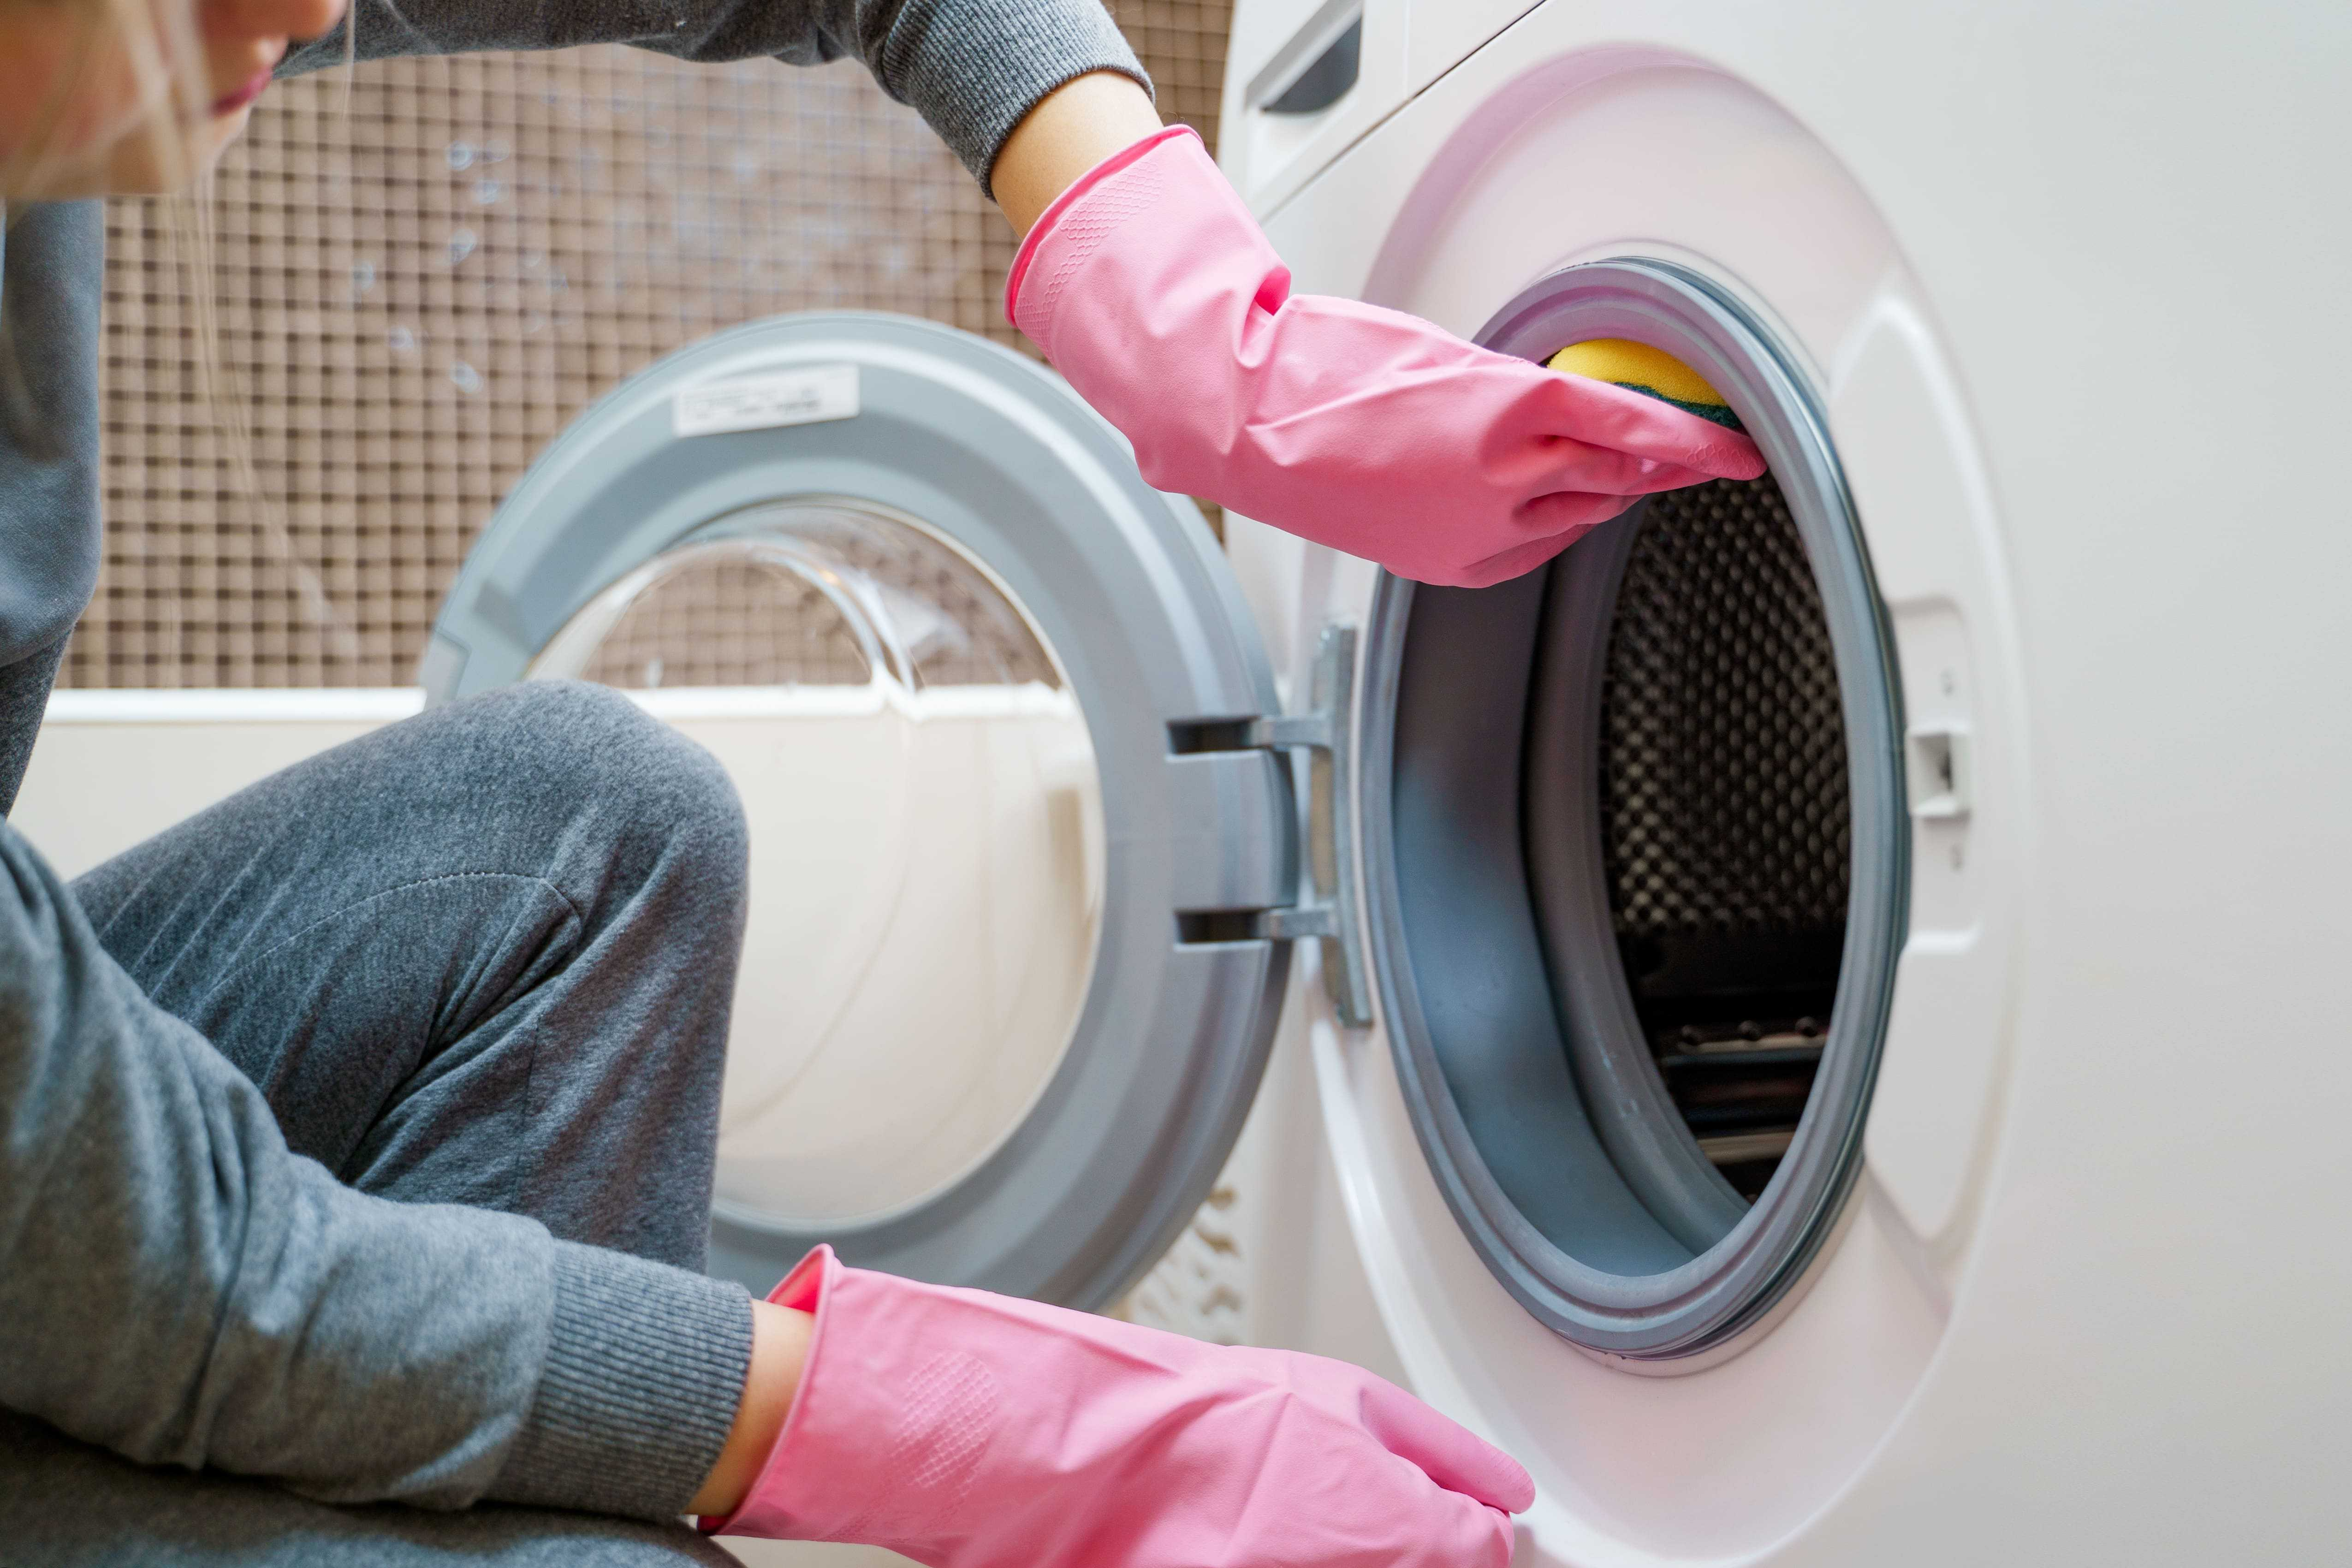 Frühjahrsputz - auch die Waschmaschine sollte gereinigt werden